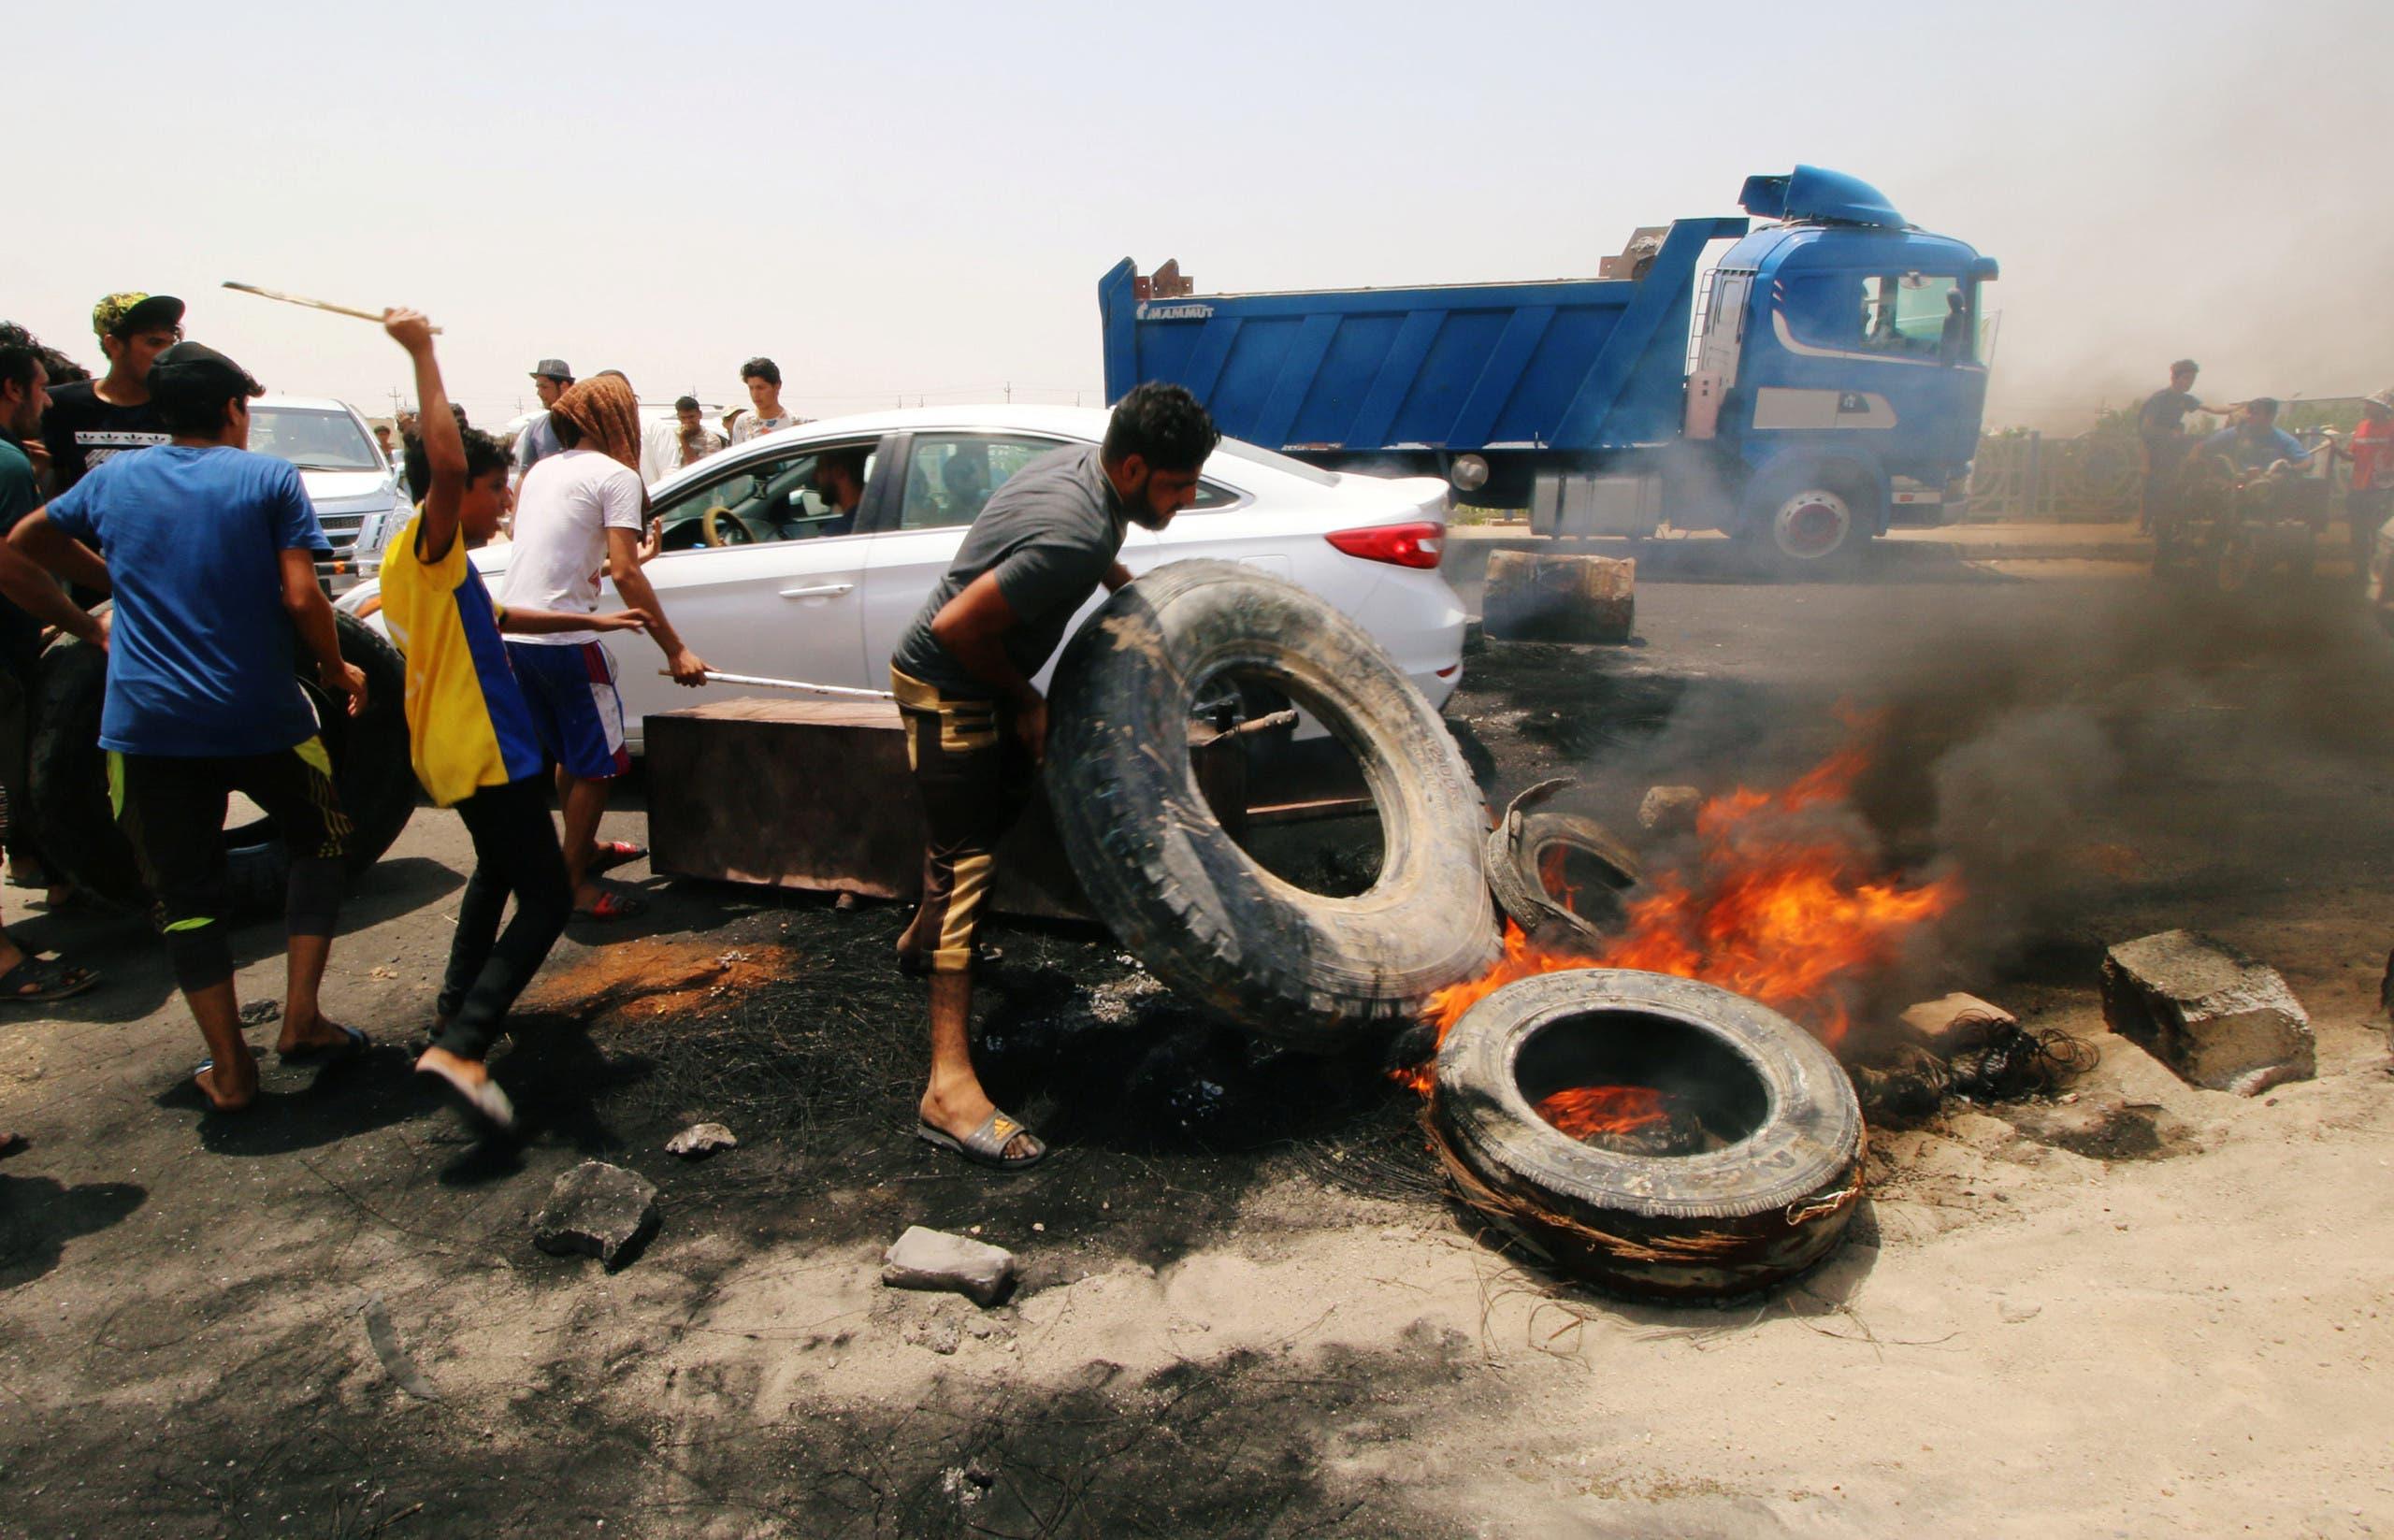 Iraq basra protests. (Reuters)